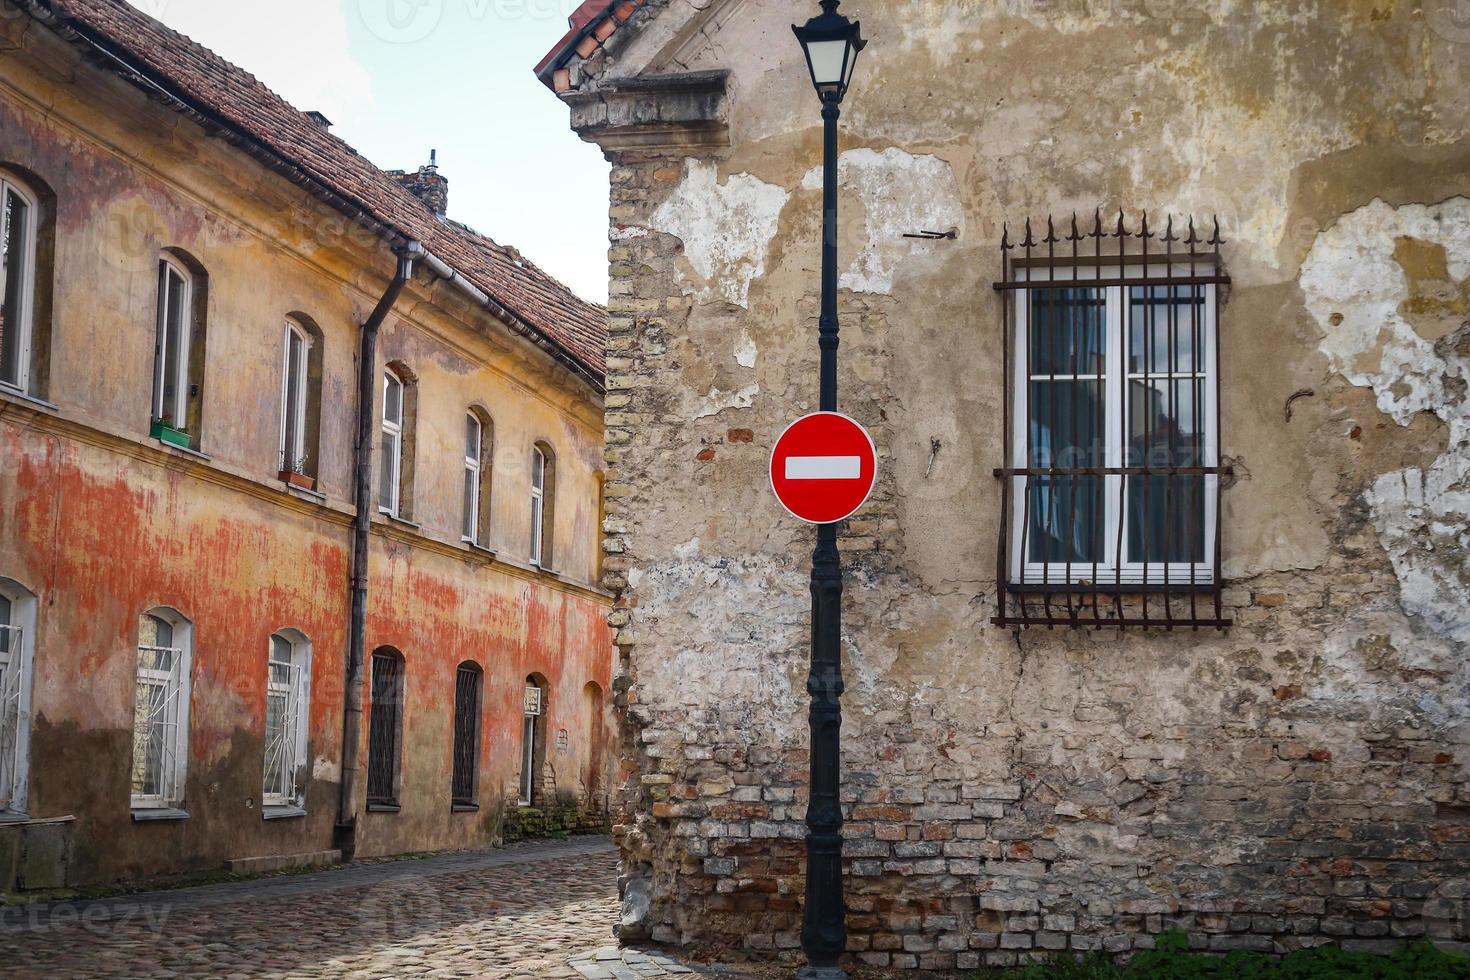 segnale di stop rosso sul lampione vicino all'edificio della città vecchia con finestra foto